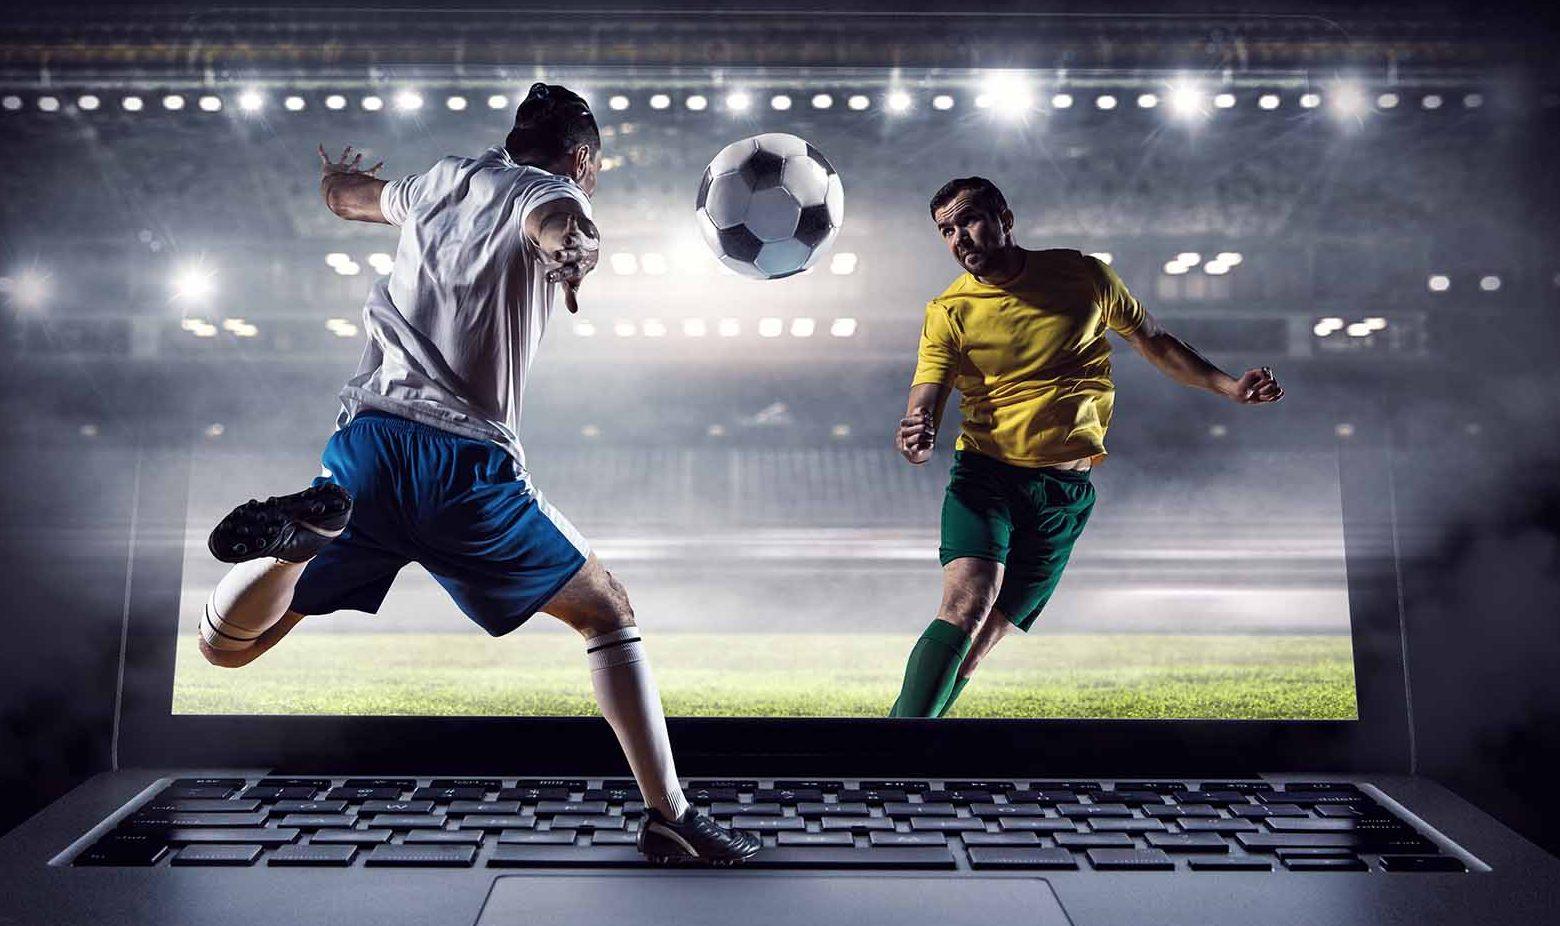 Ставки на футбол: коэффициенты, линия росписи и прогнозы